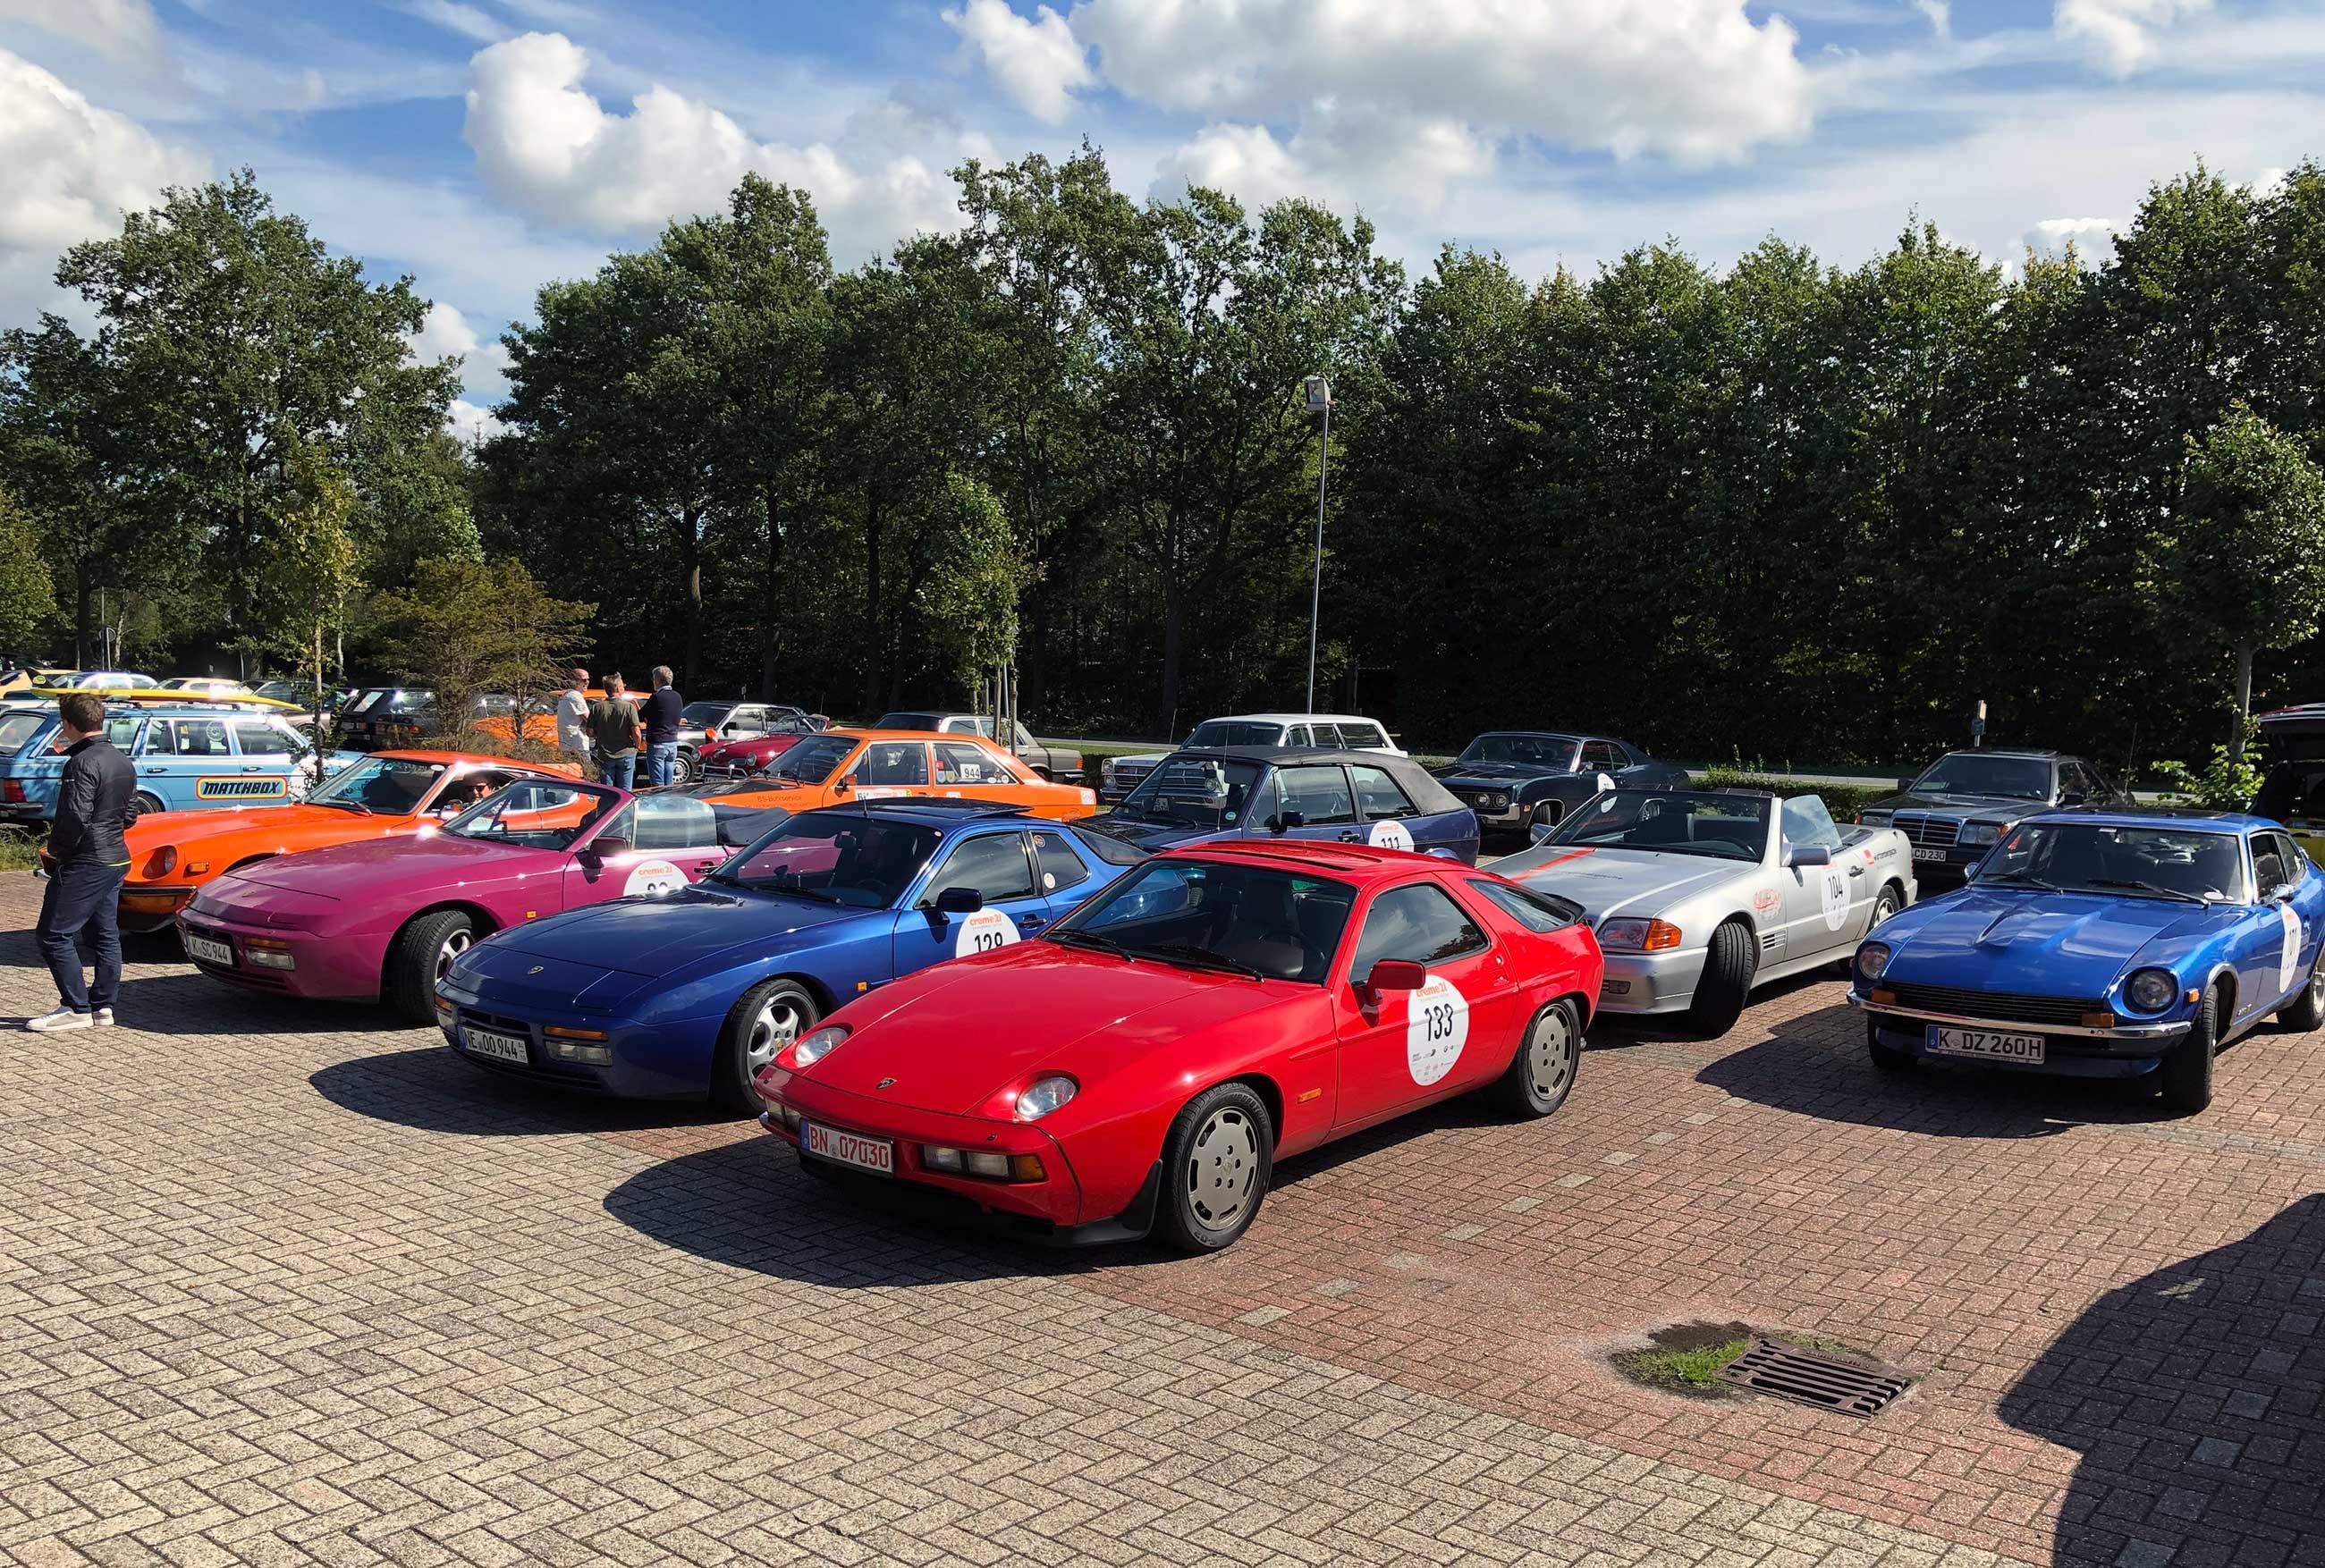 Bericht: Meine Teilnahme an der Creme 21 Youngtimer Rallye 2019 Creme-21-Youngtimer-Rallye-2019_Nachbericht_13